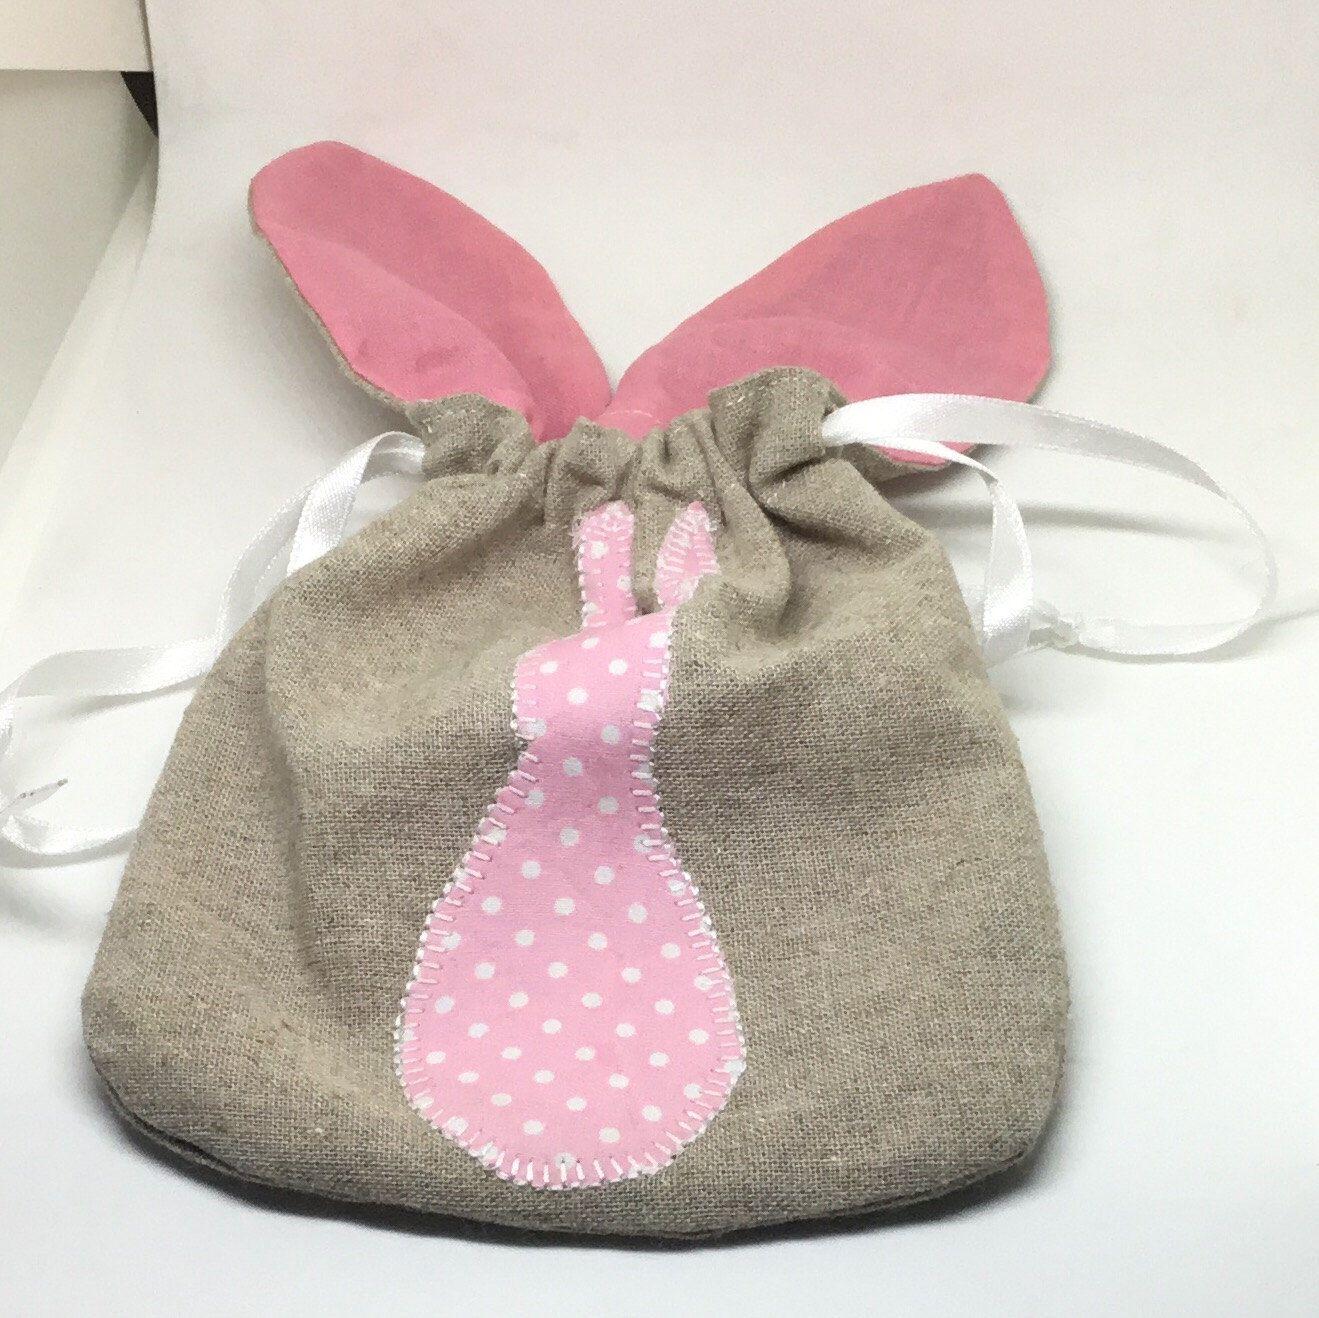 Party favour bag drawstring bag appliqu design bag gift bag for bunny gift bag easter bag gift bag easter treat bag drawstring bag negle Images